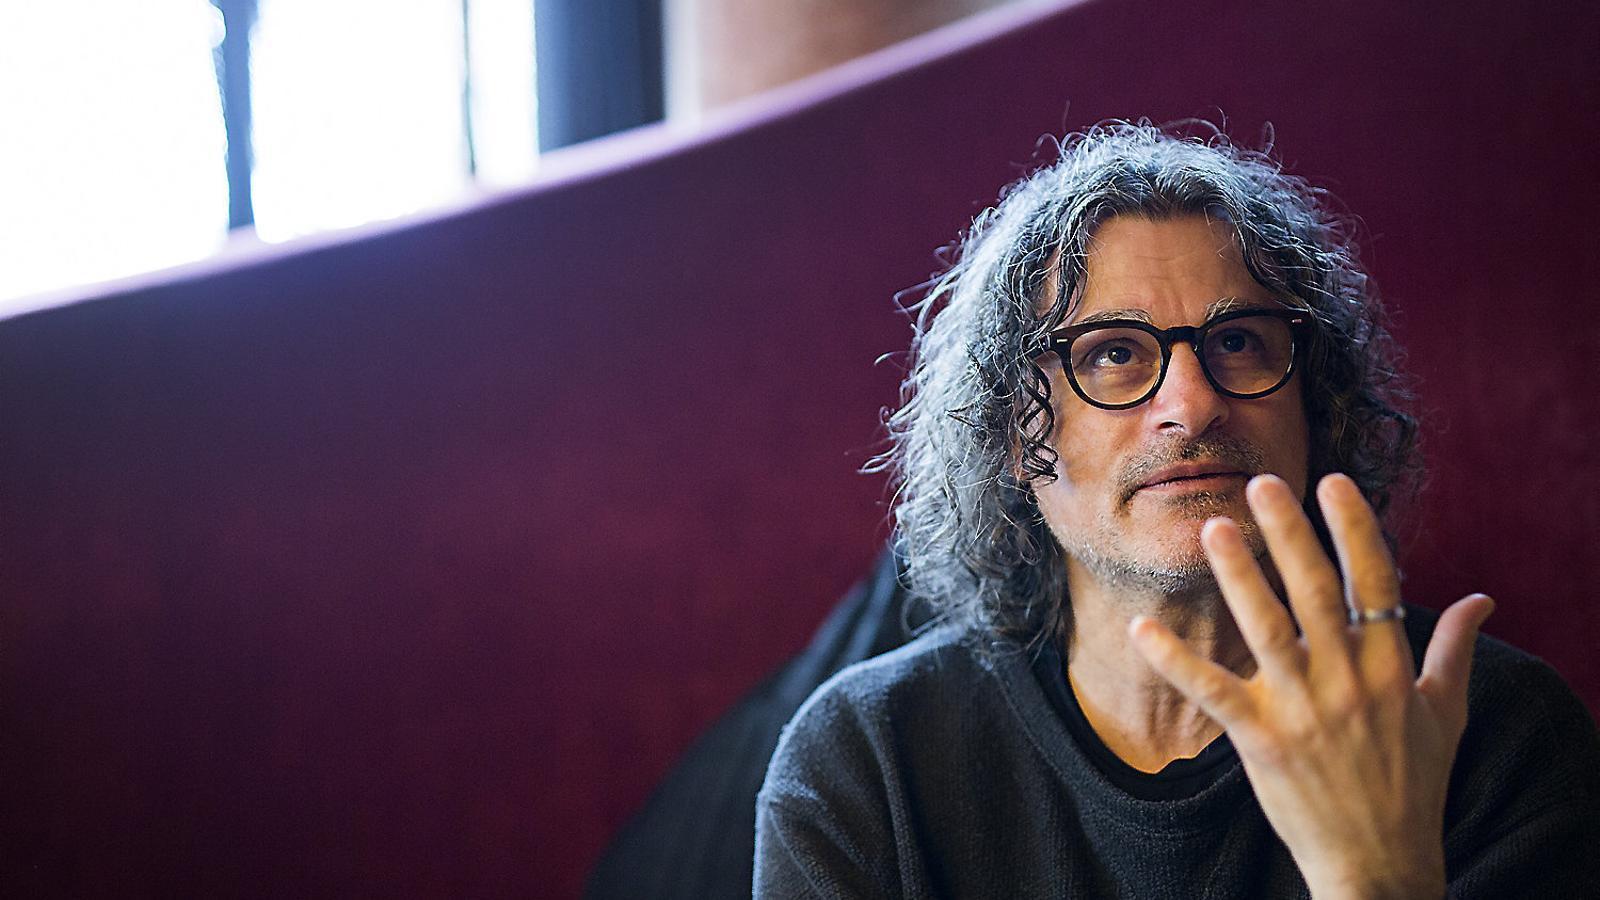 Ziad Doueiri està assenyalat pel BDS per haver rodat part del seu film anterior a Israel.